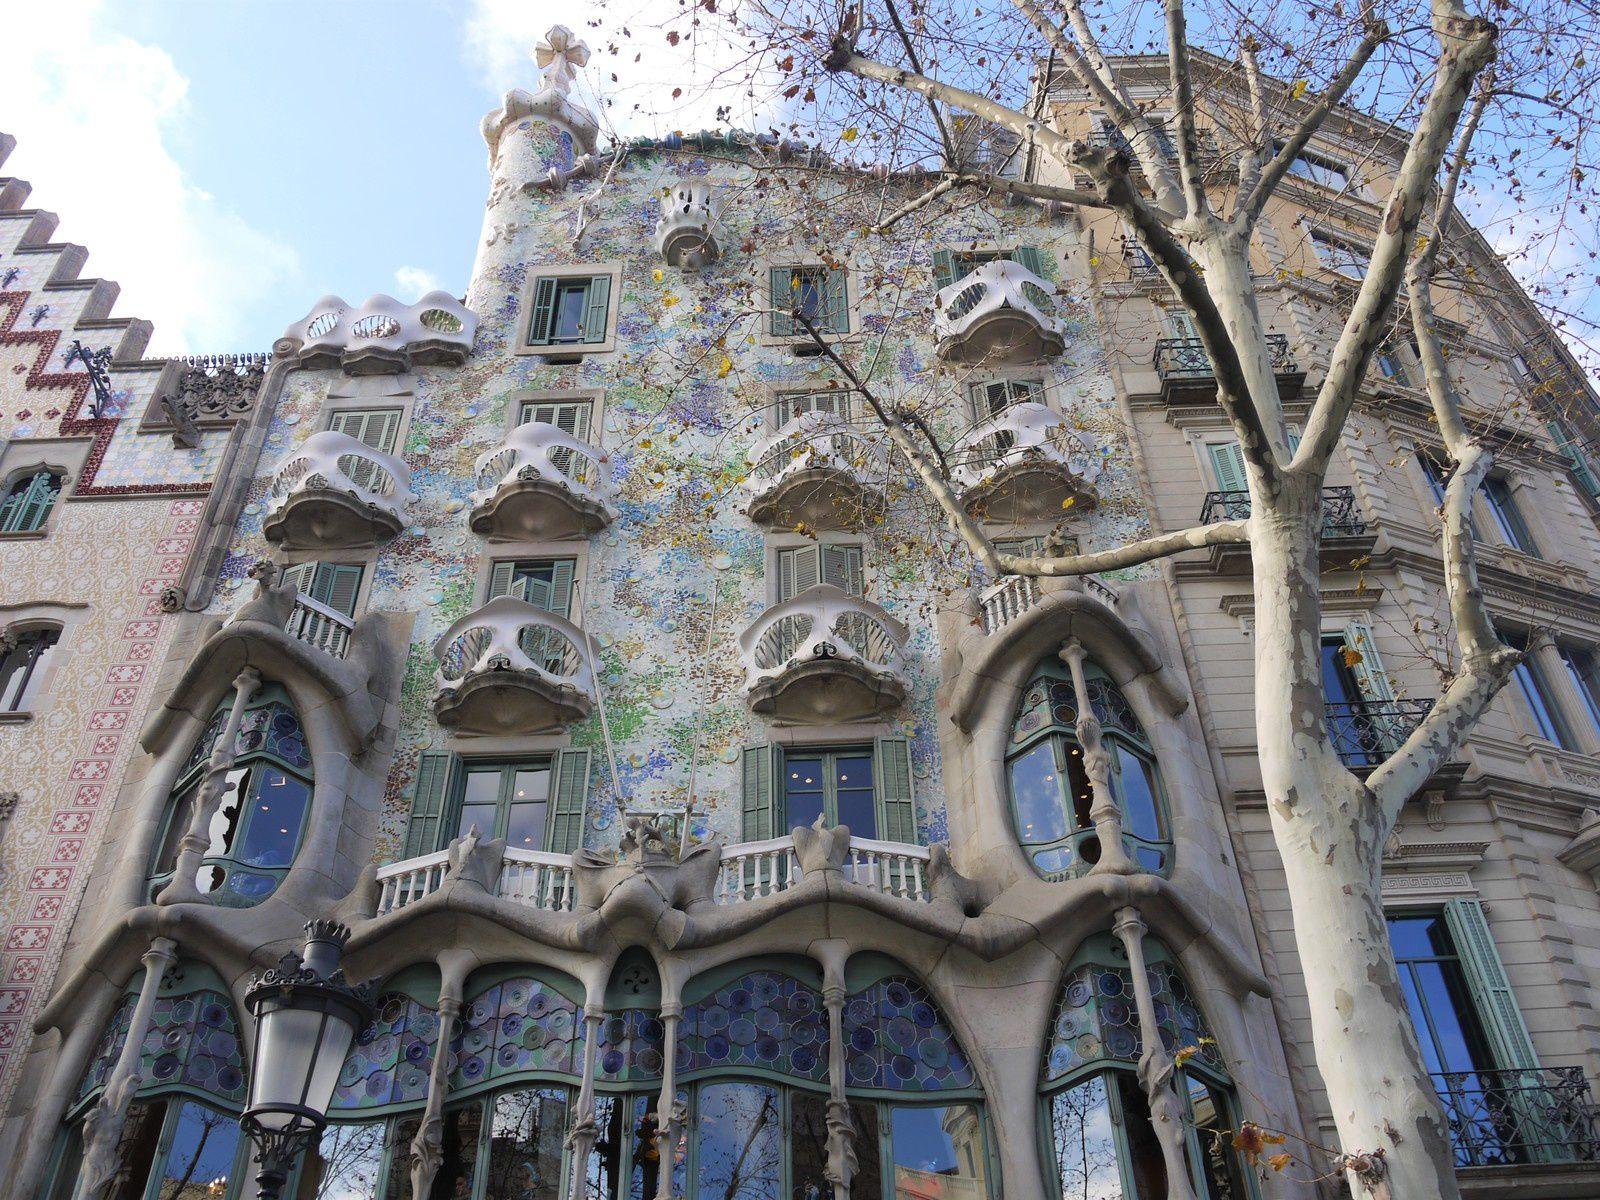 Barcelone : premier séjour et premières impressions